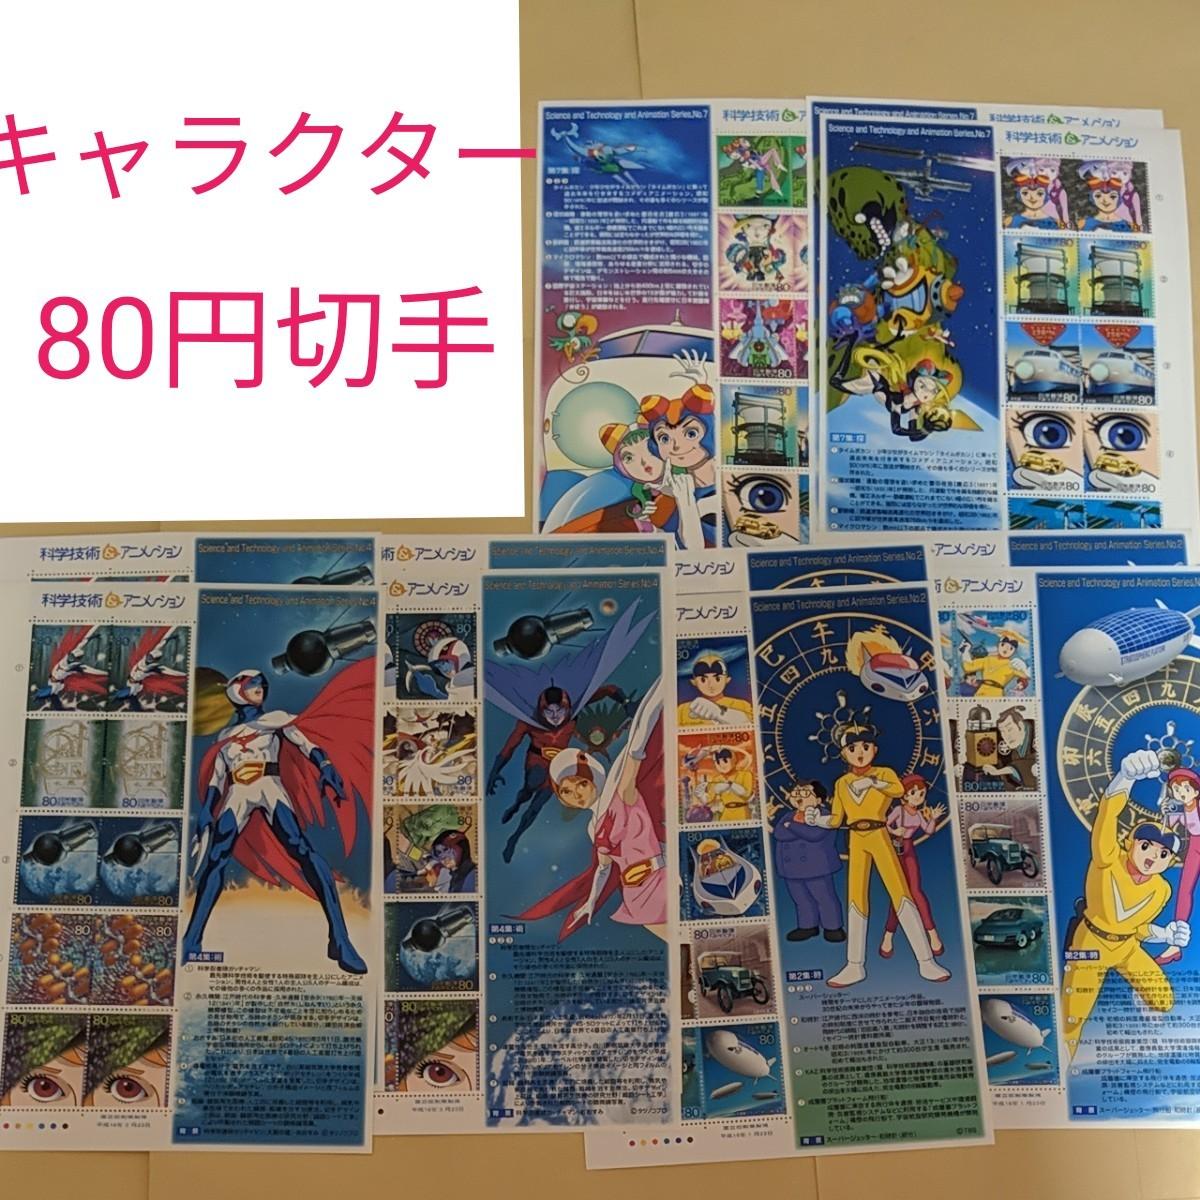 未使用 切手  額面8800円分 記念切手 80円切手 シート キャラクター かわいい アニメ